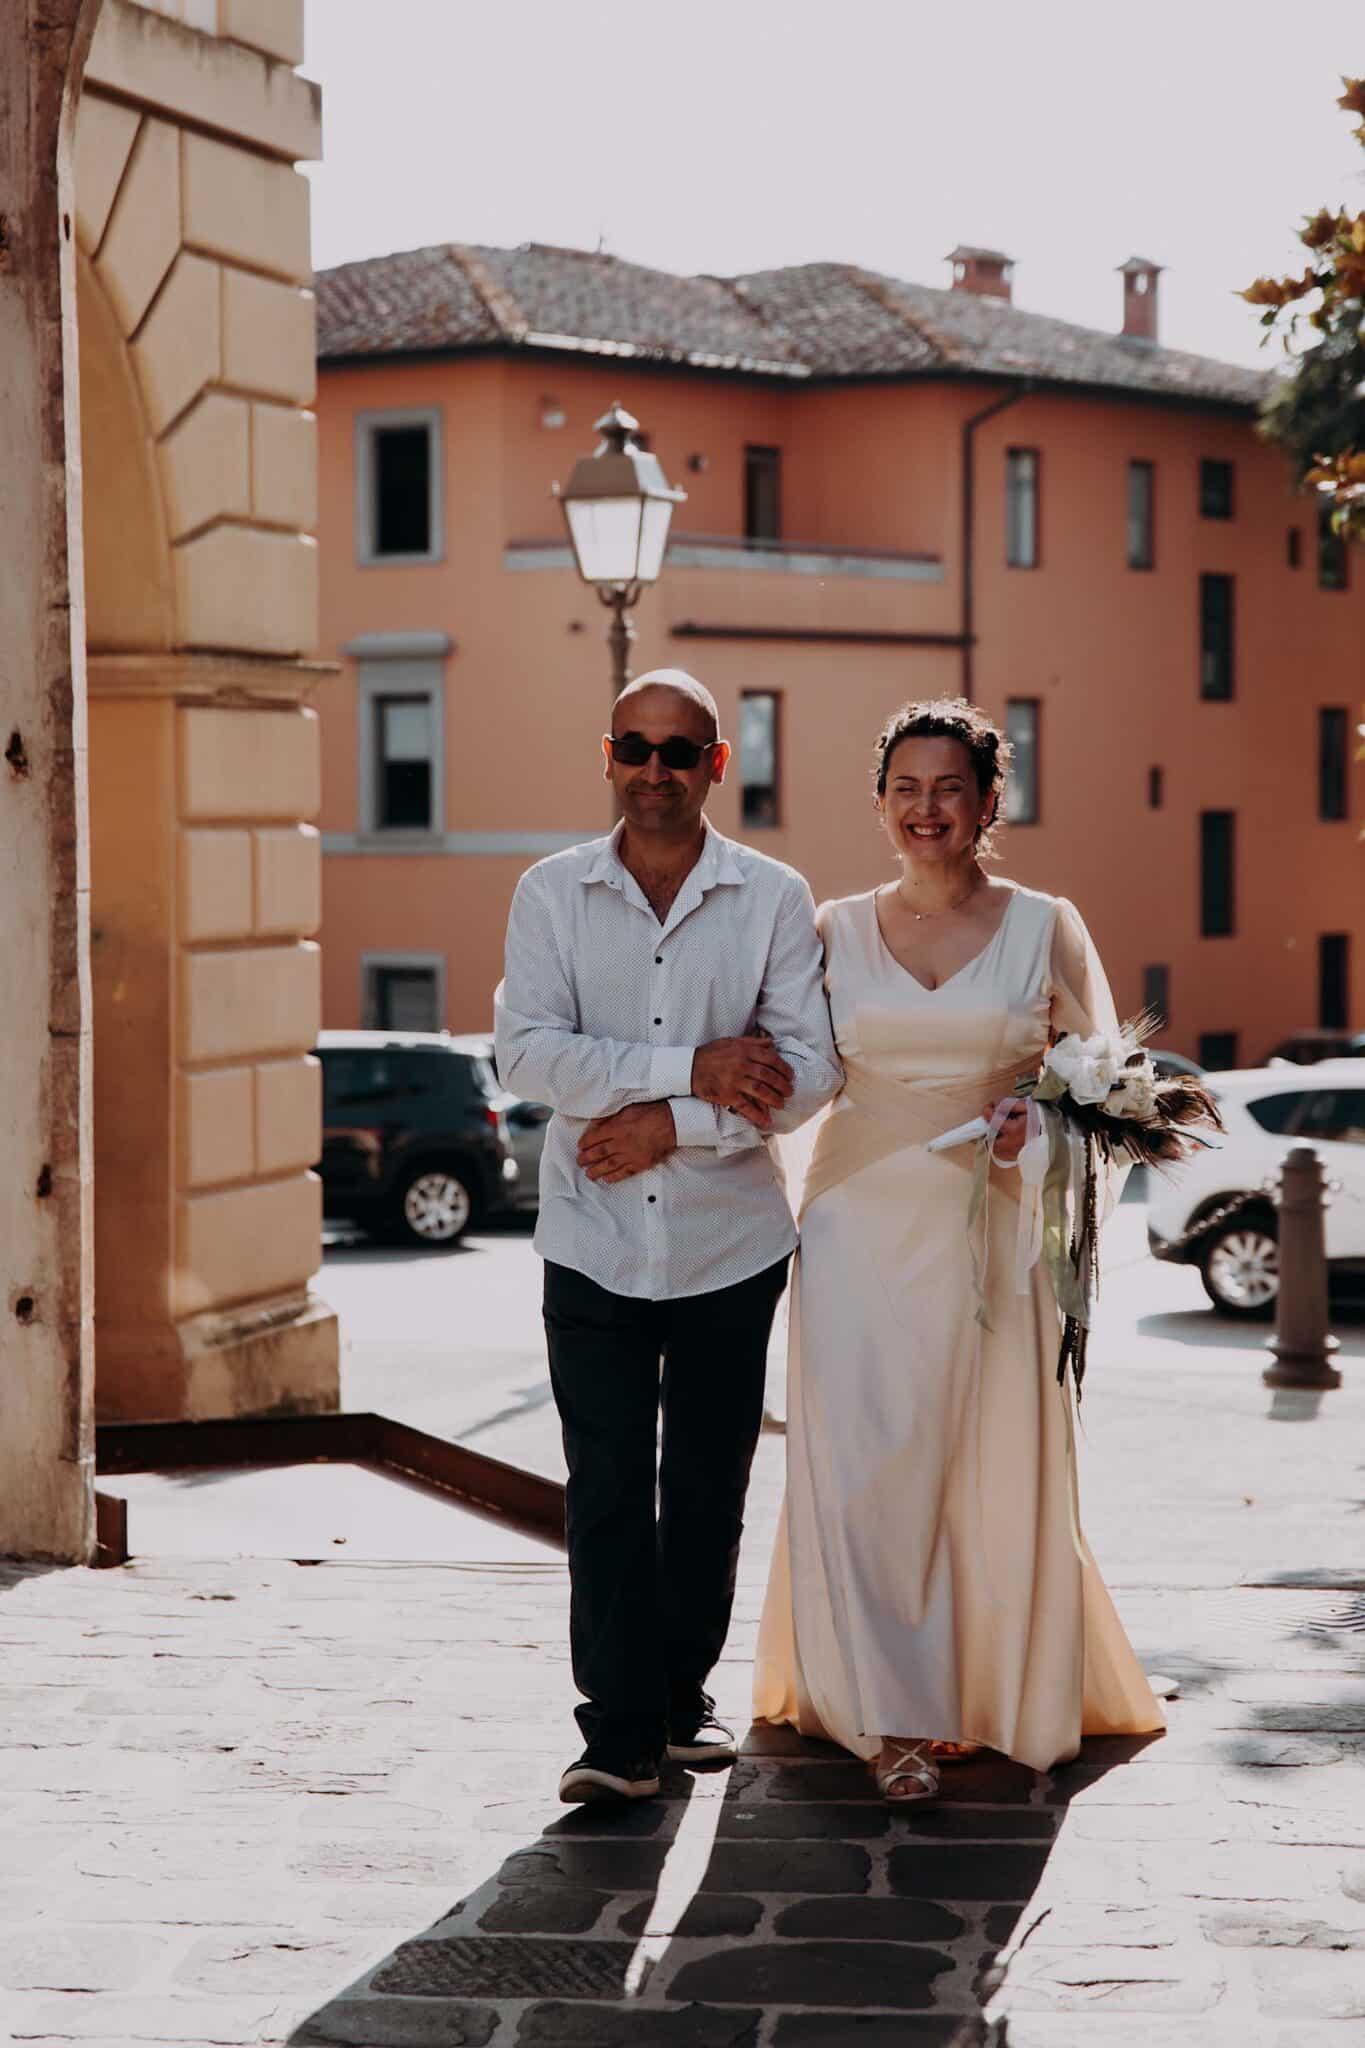 la sposa che viene accompagnata dal fratello